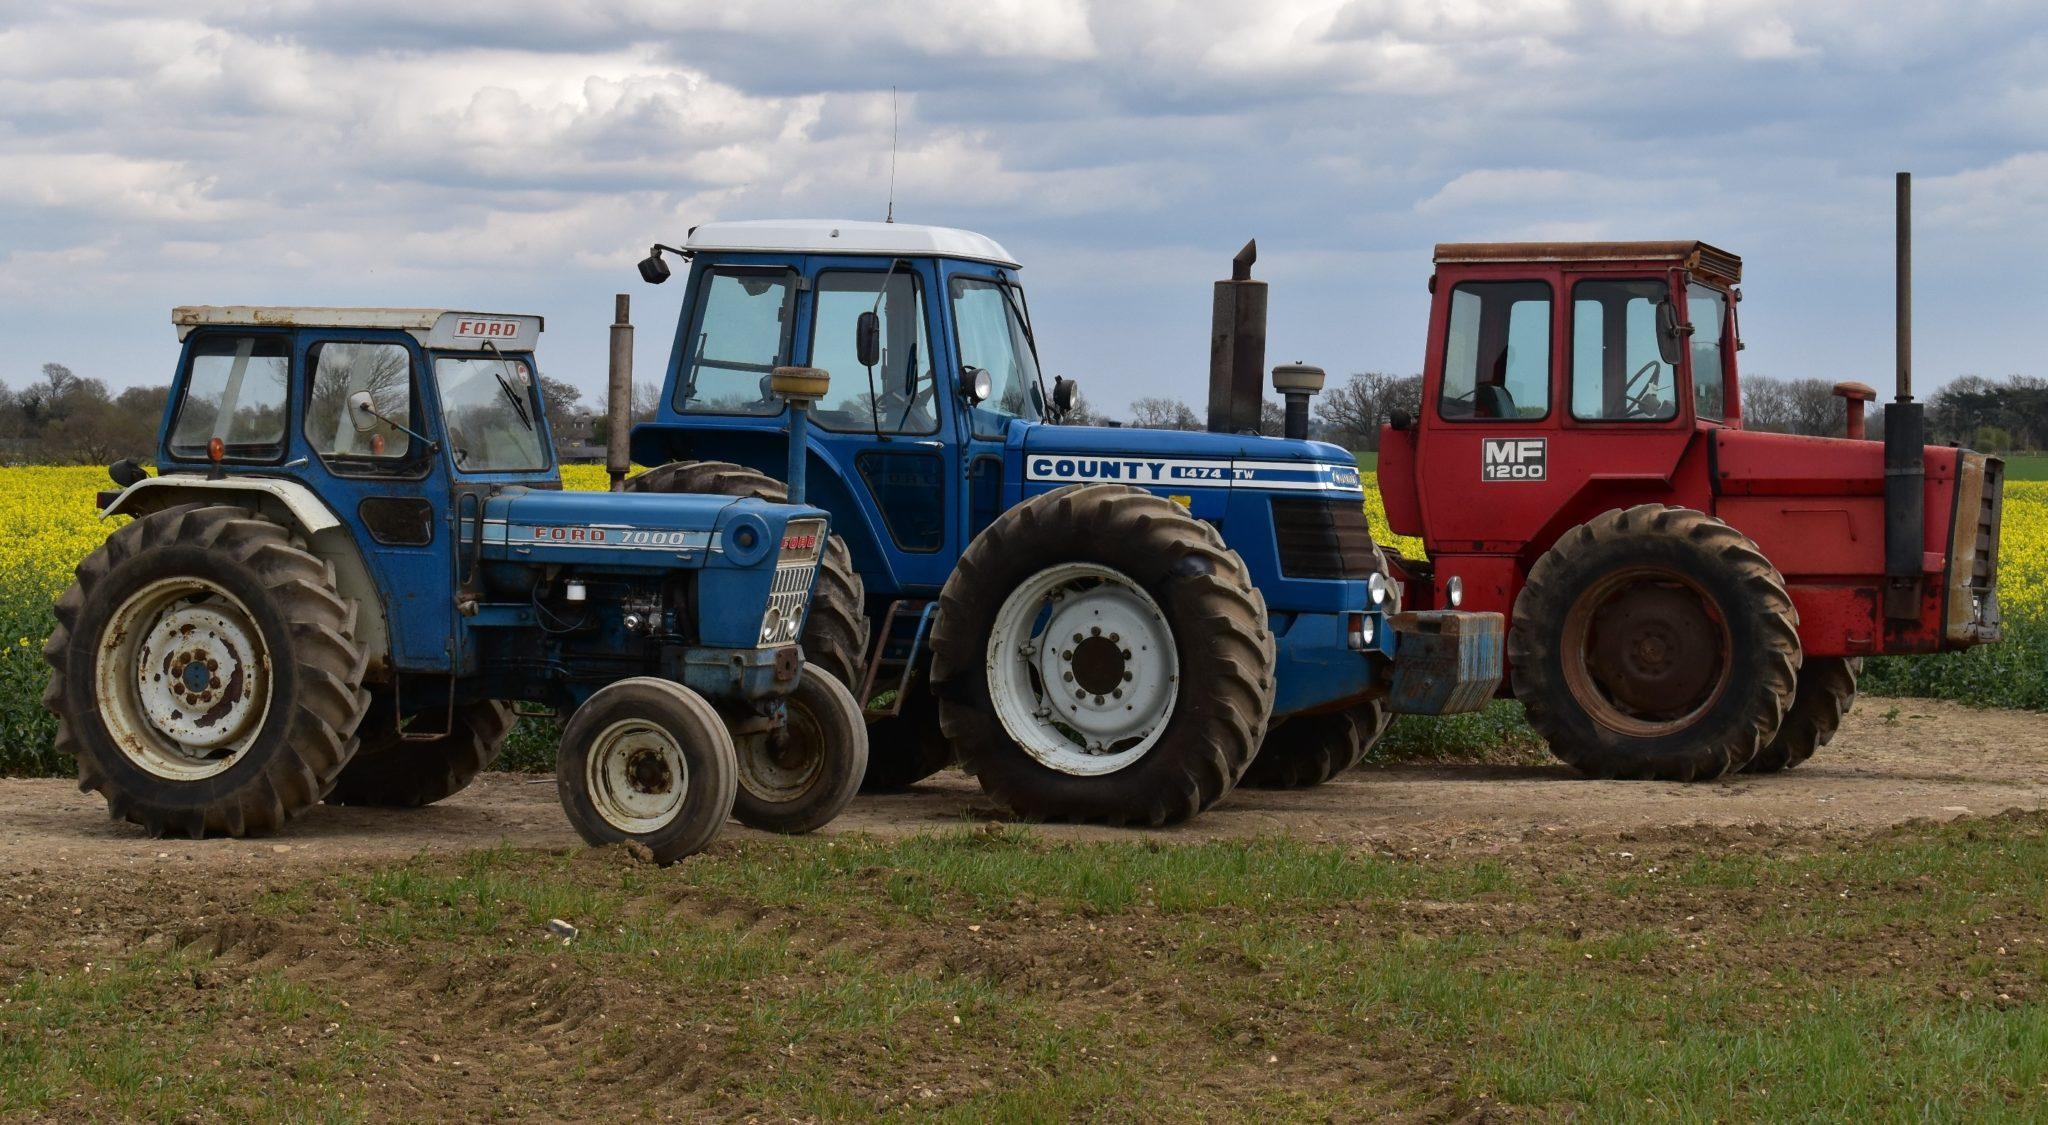 В Англии пройдет интересный аукцион: фермер пустит с молотка коллекцию раритетных тракторов